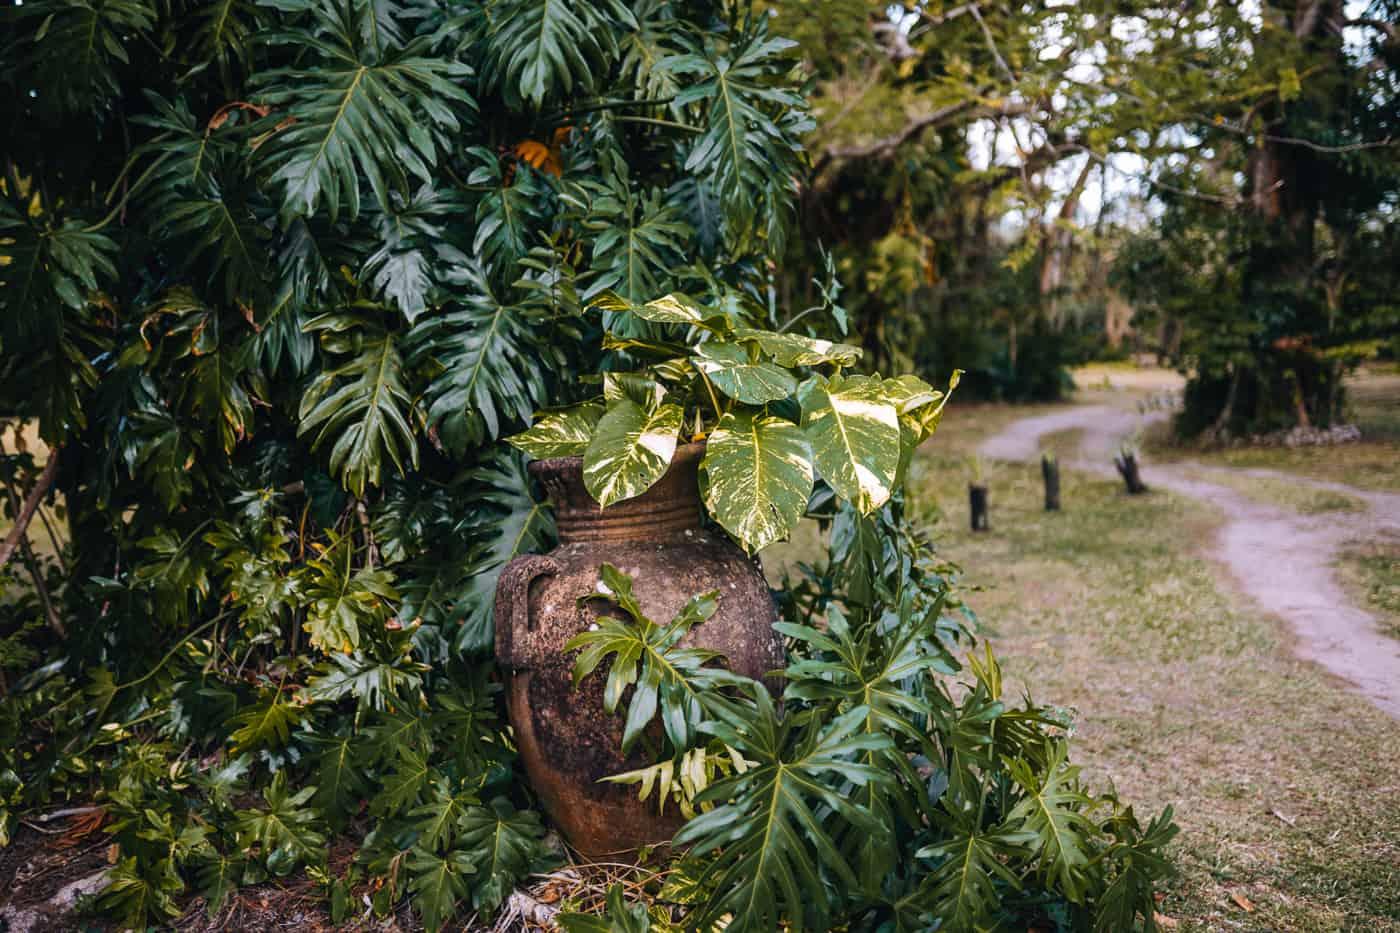 Saint Lucia - Tipps, Sehenswürdigkeiten, Strände & Ausflugsziele auf der Karibik-Insel: Balenbouche Estate